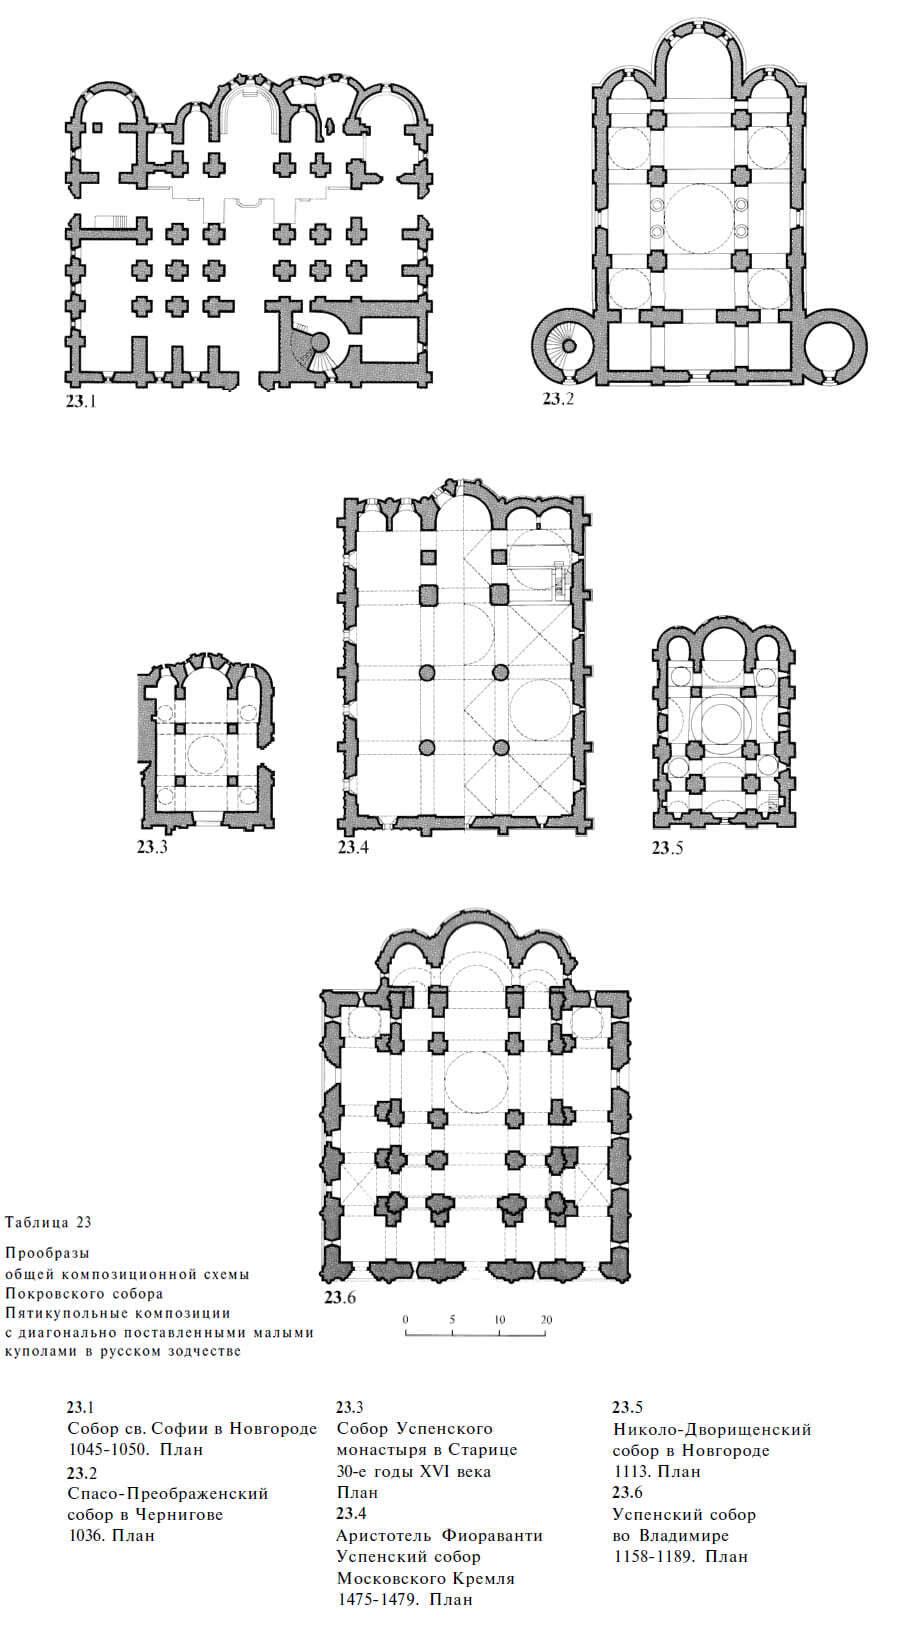 Пятикупольные композиции с диагонально поставленными малыми куполами в русском зодчестве